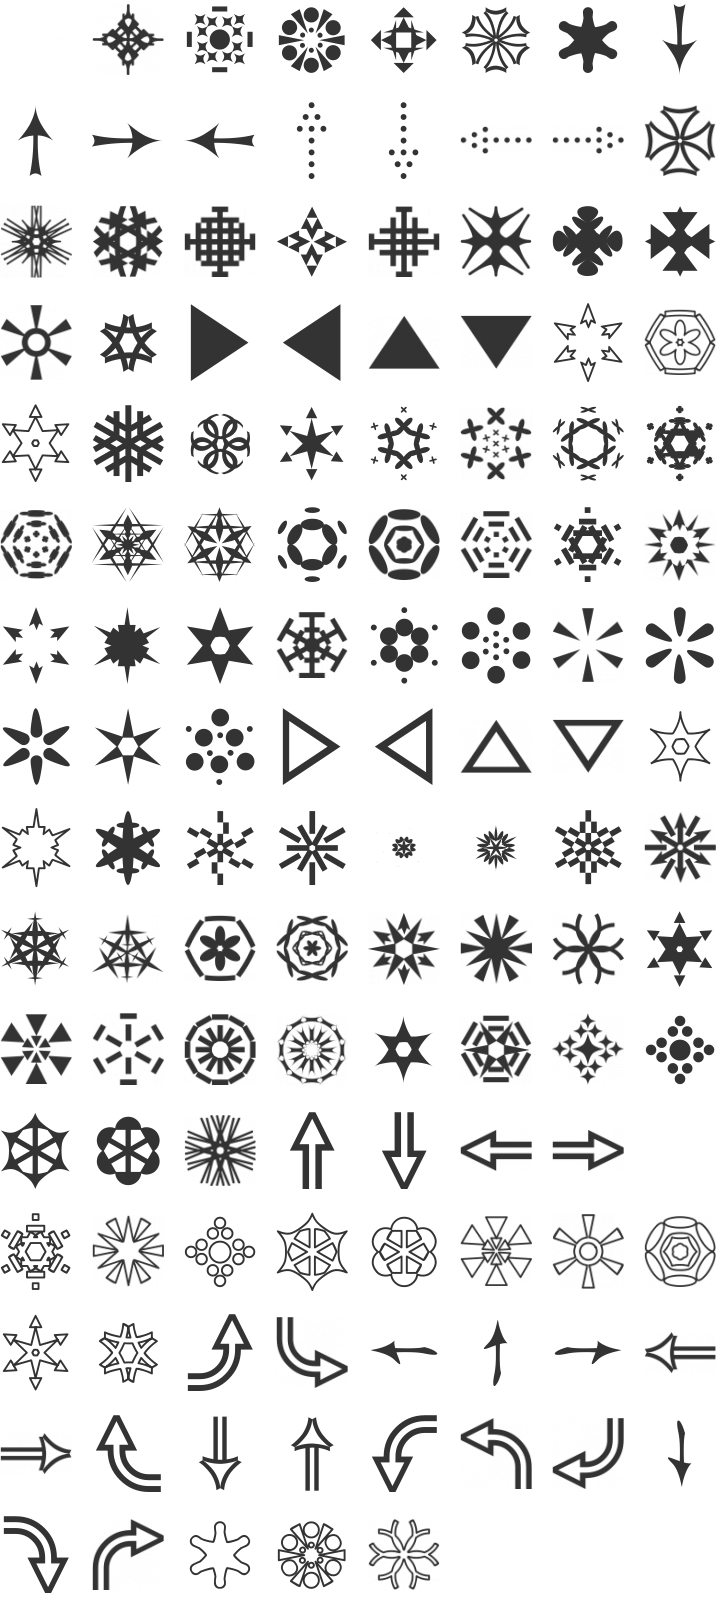 Rhomus Omnilots Dingbat Font Specimen